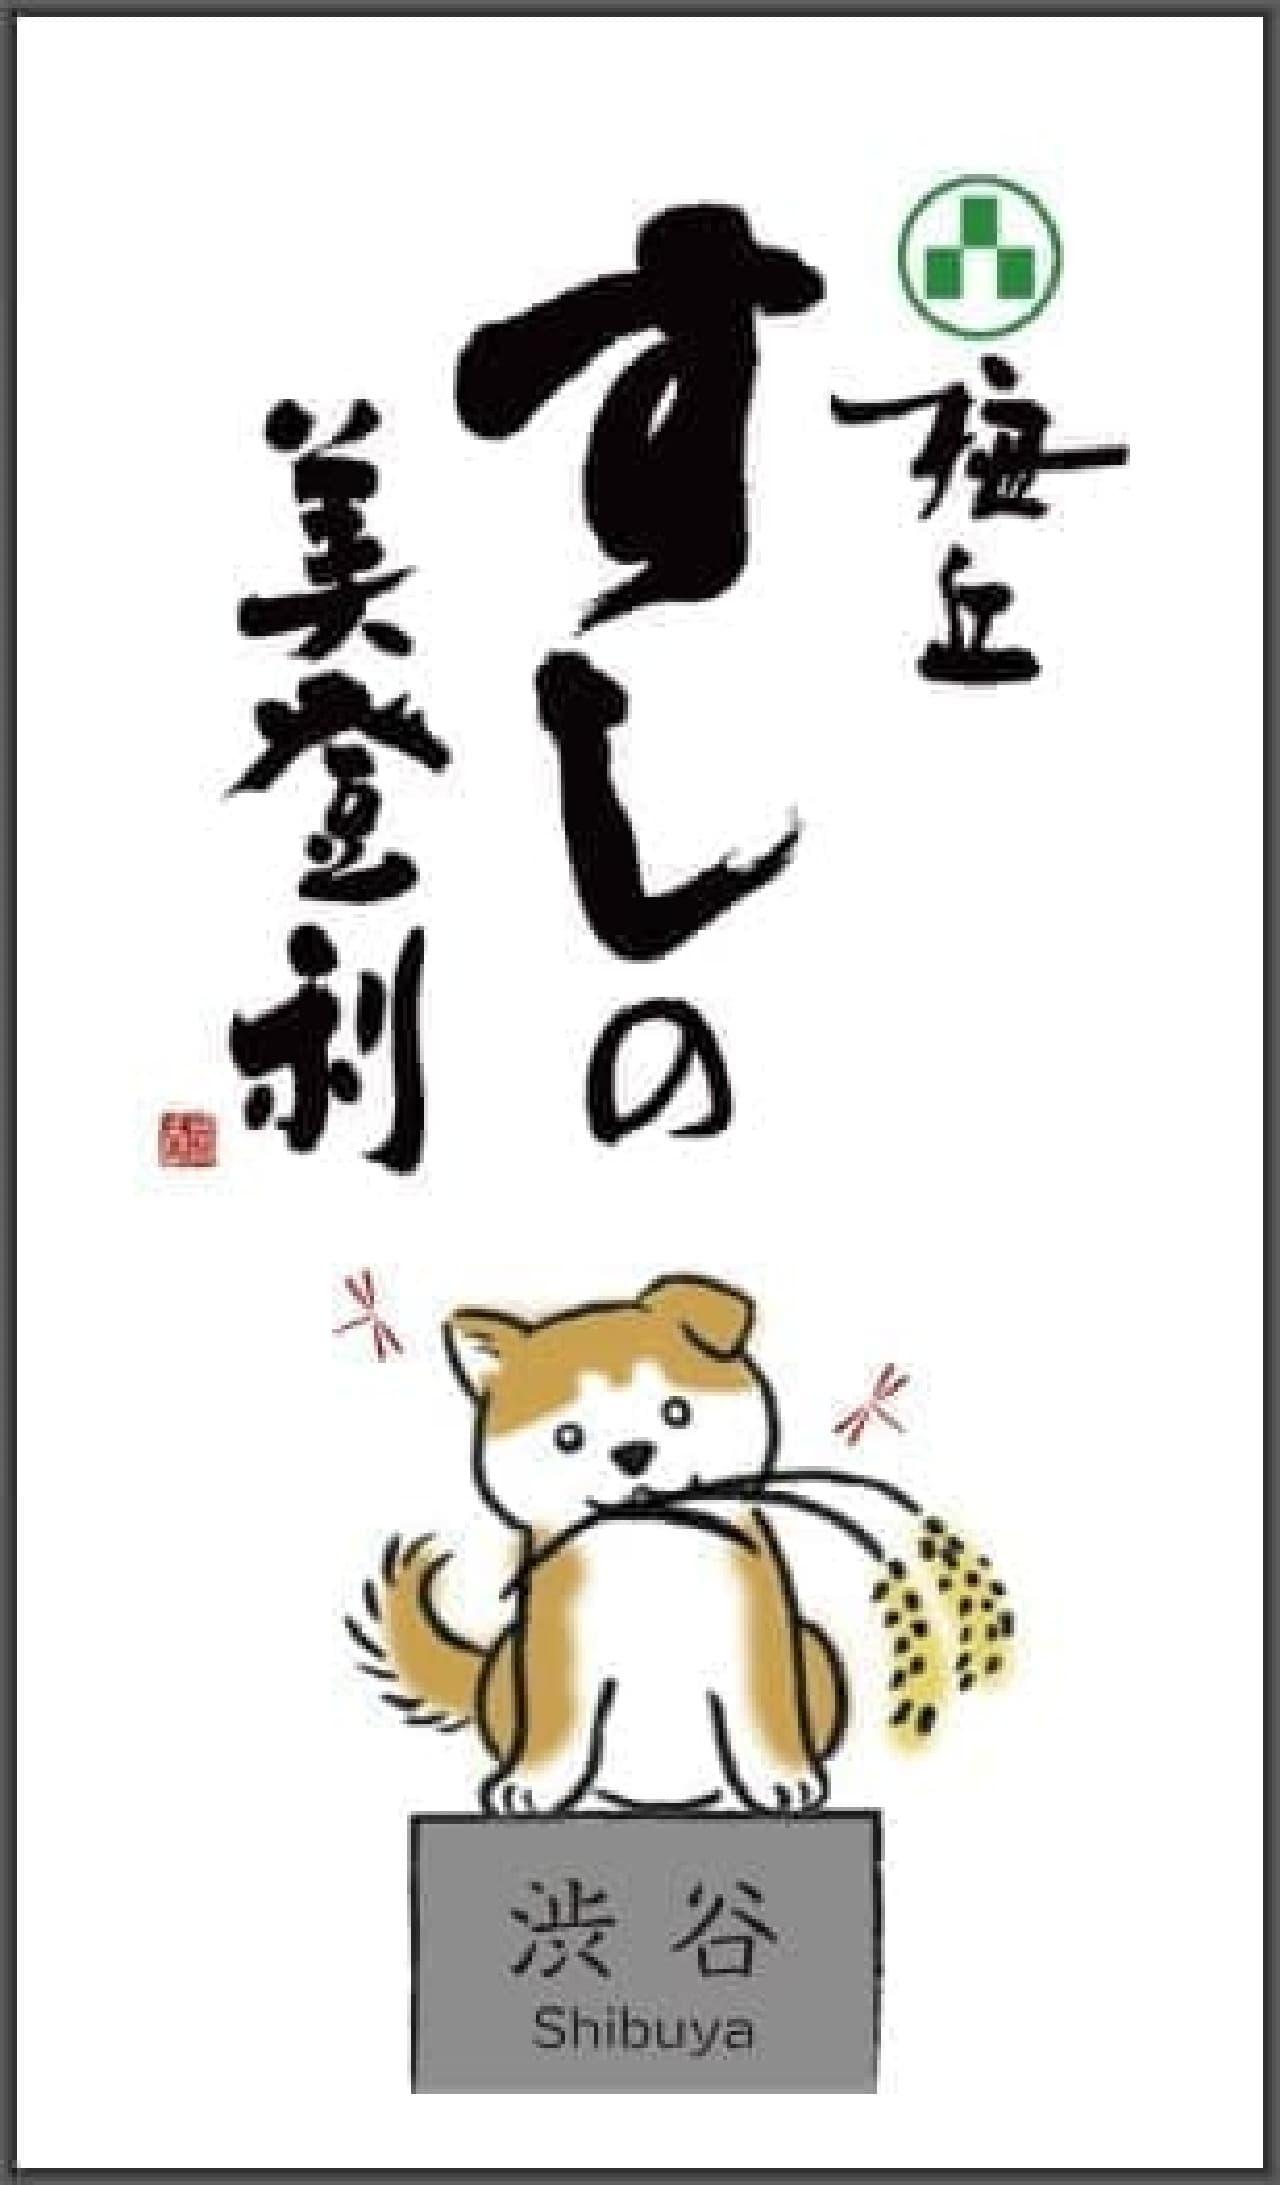 梅丘寿司の美登利(みどり) 渋谷店「コメタブ」デザインイメージ